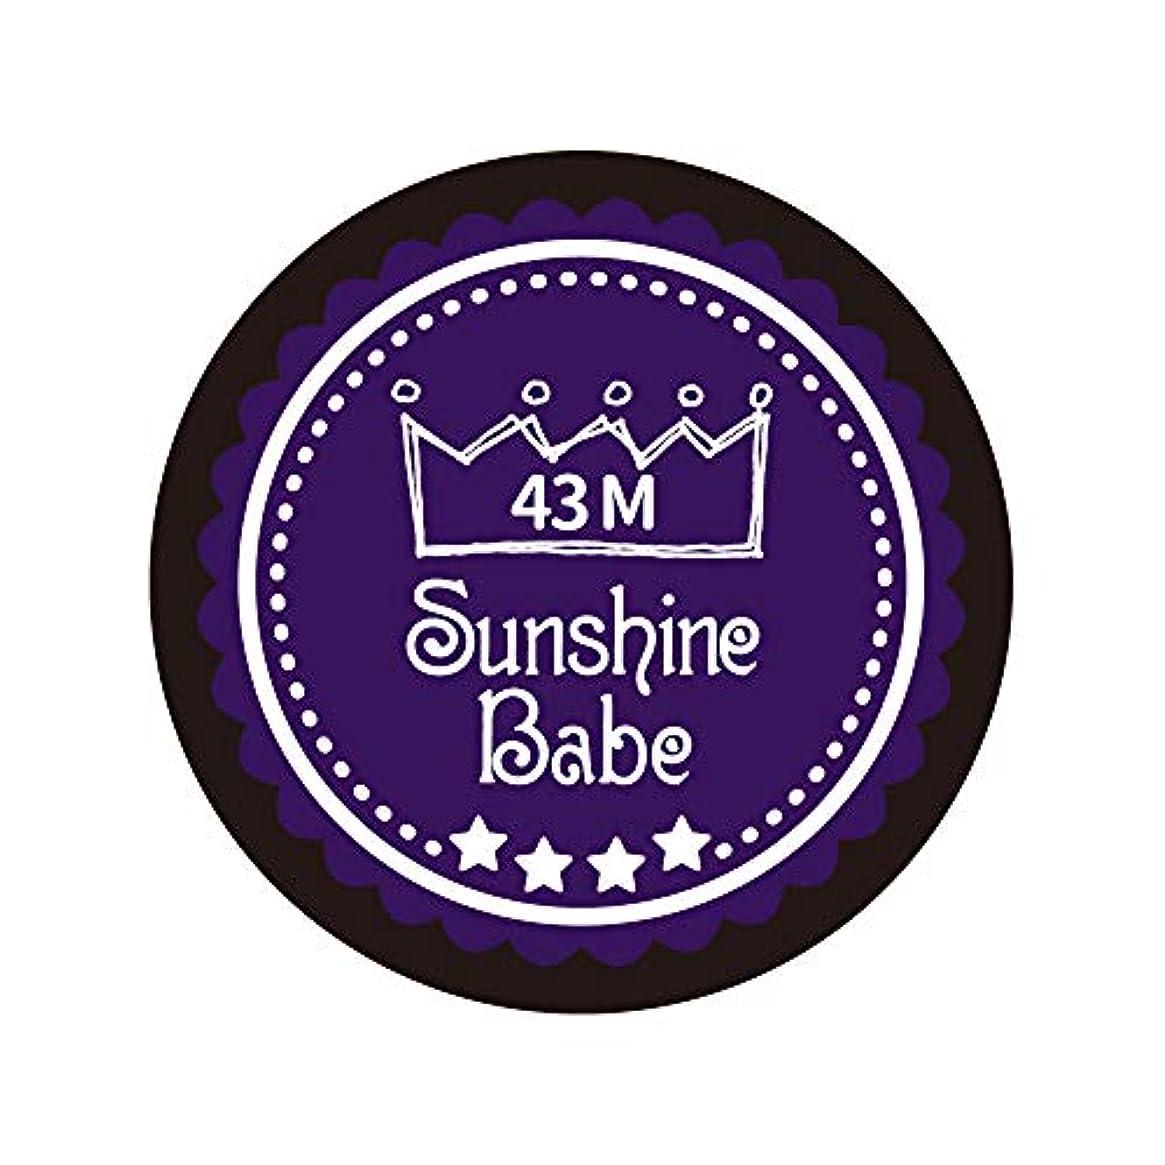 モール習字ポーズSunshine Babe カラージェル 43M オータムウルトラバイオレット 4g UV/LED対応